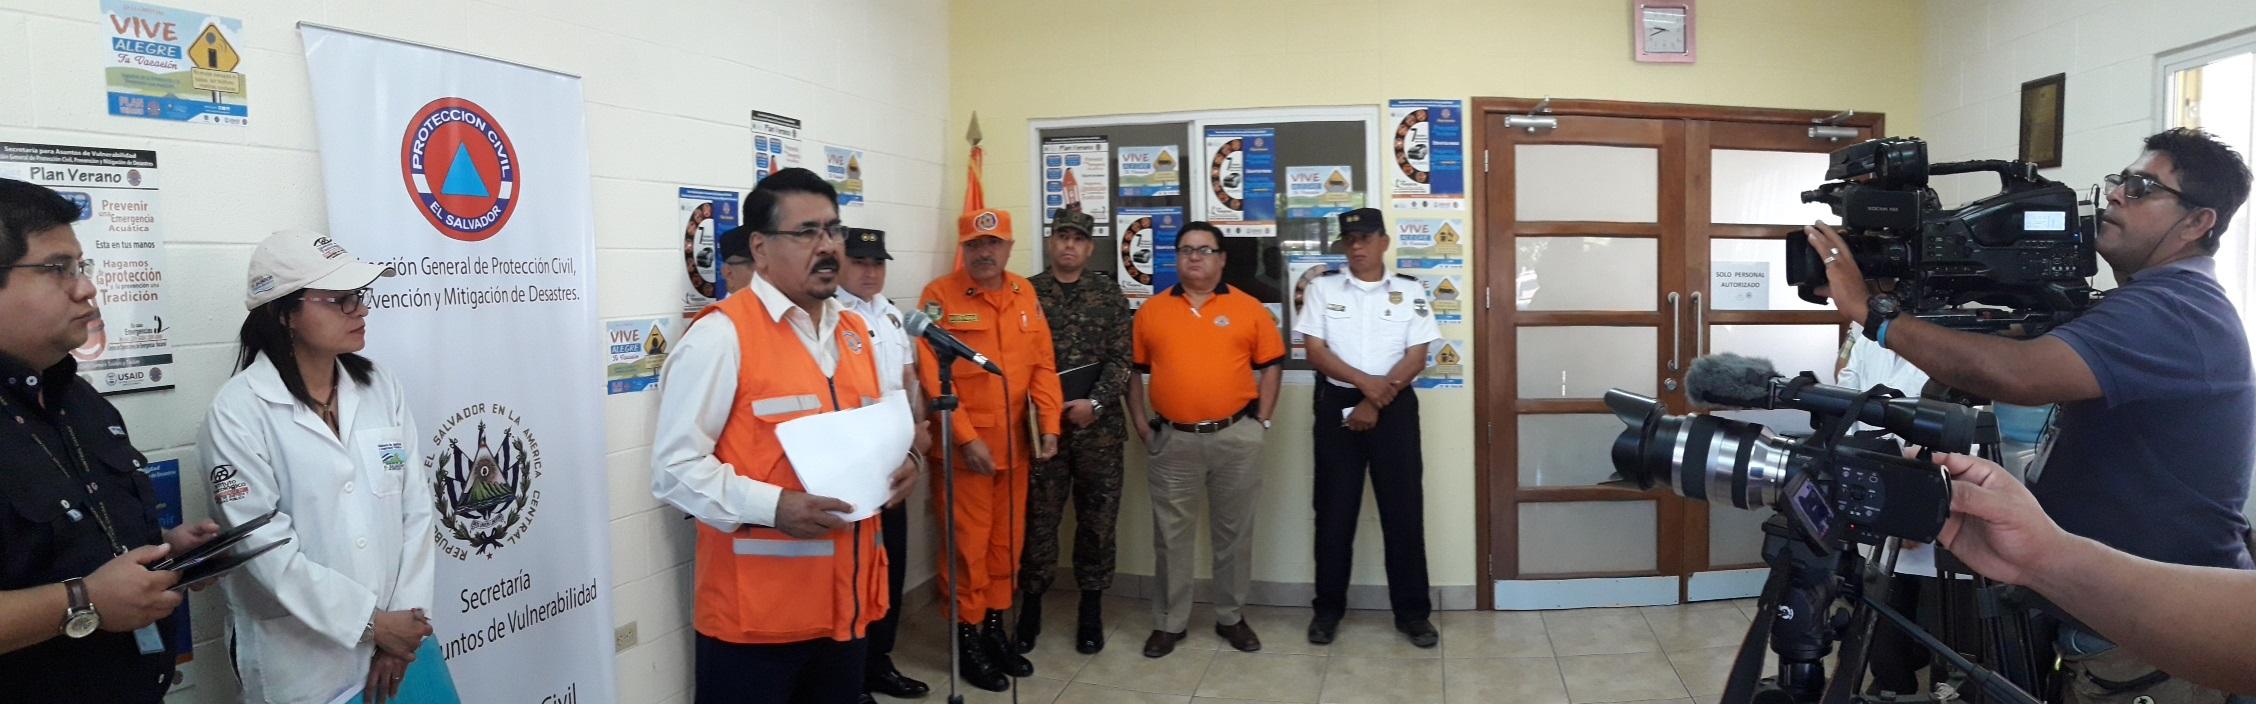 Sistema Nacional de Protección Civil inicia Plan Verano 2018, 24/Marzo/2018